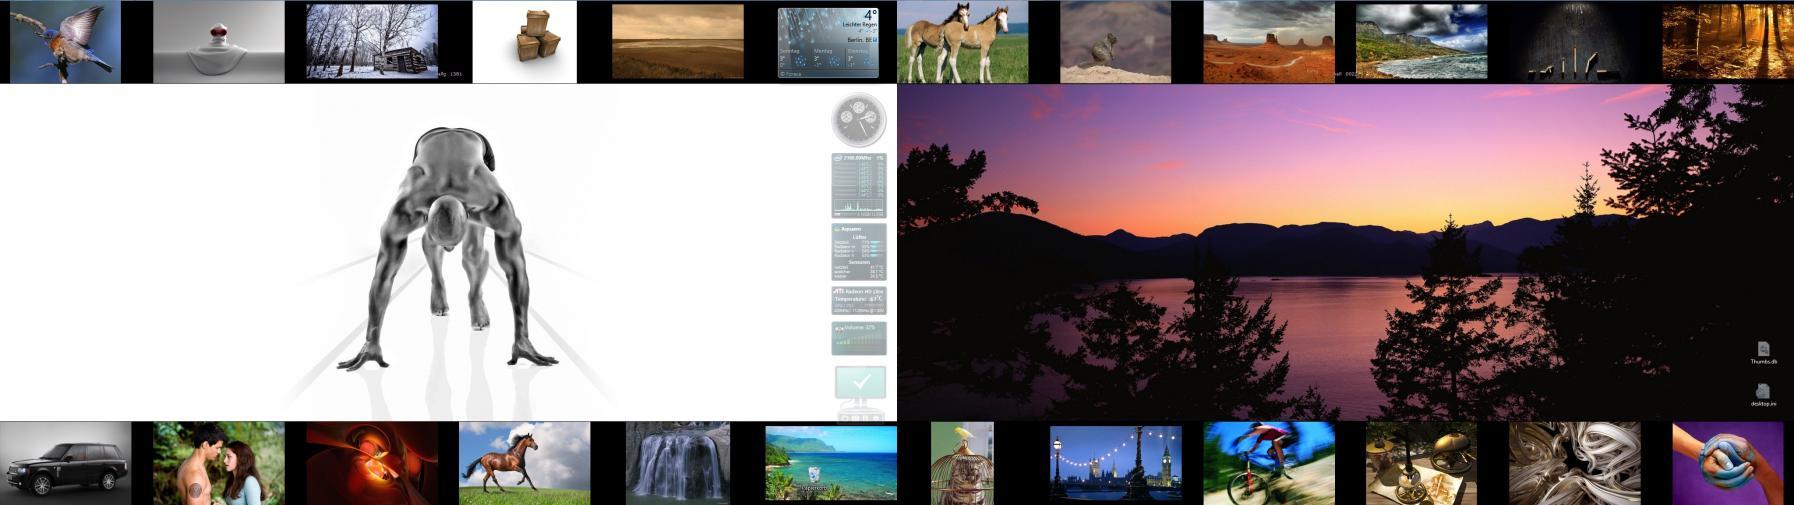 Wie sieht euer Desktop aus?-screenshot.1.jpg